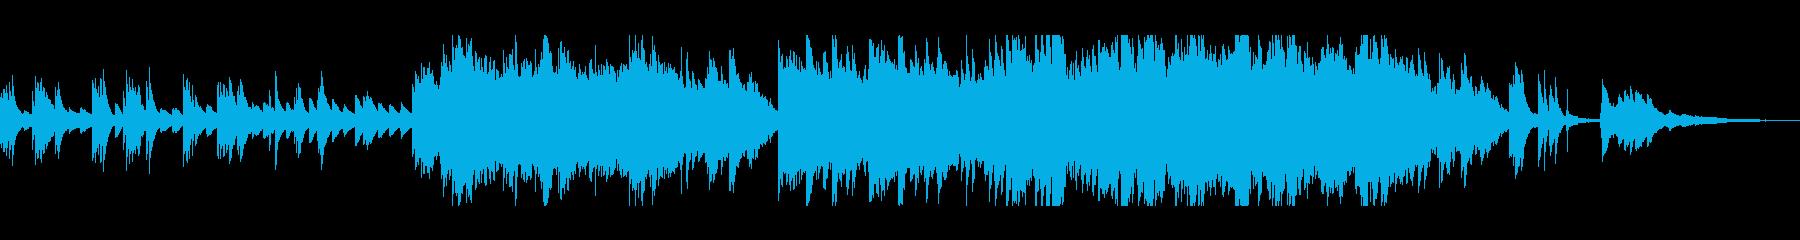 ピアノとストリングスの優しいサウンドの再生済みの波形